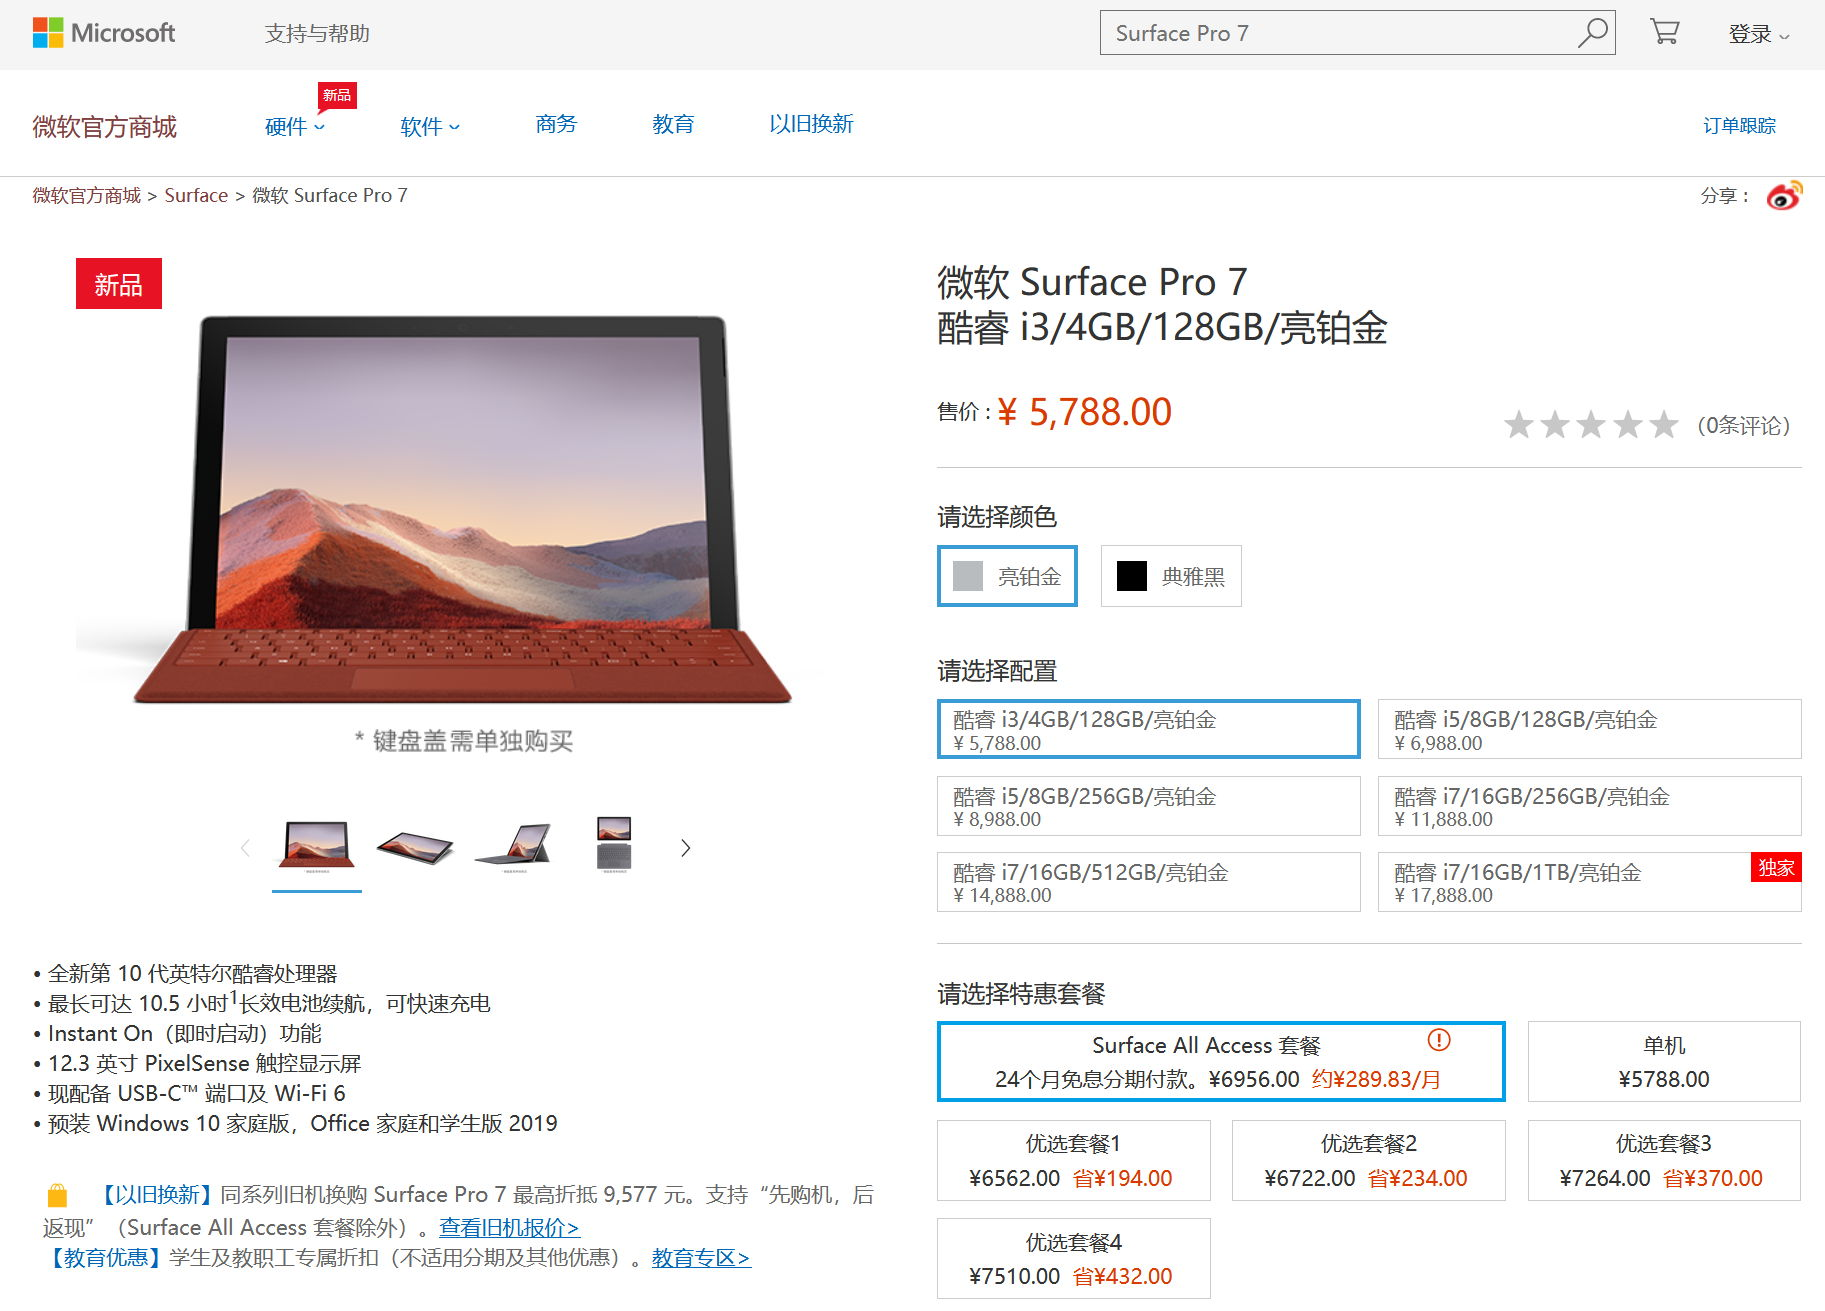 微软中国官网上架「Surface Pro 7」新品:起售价5788元